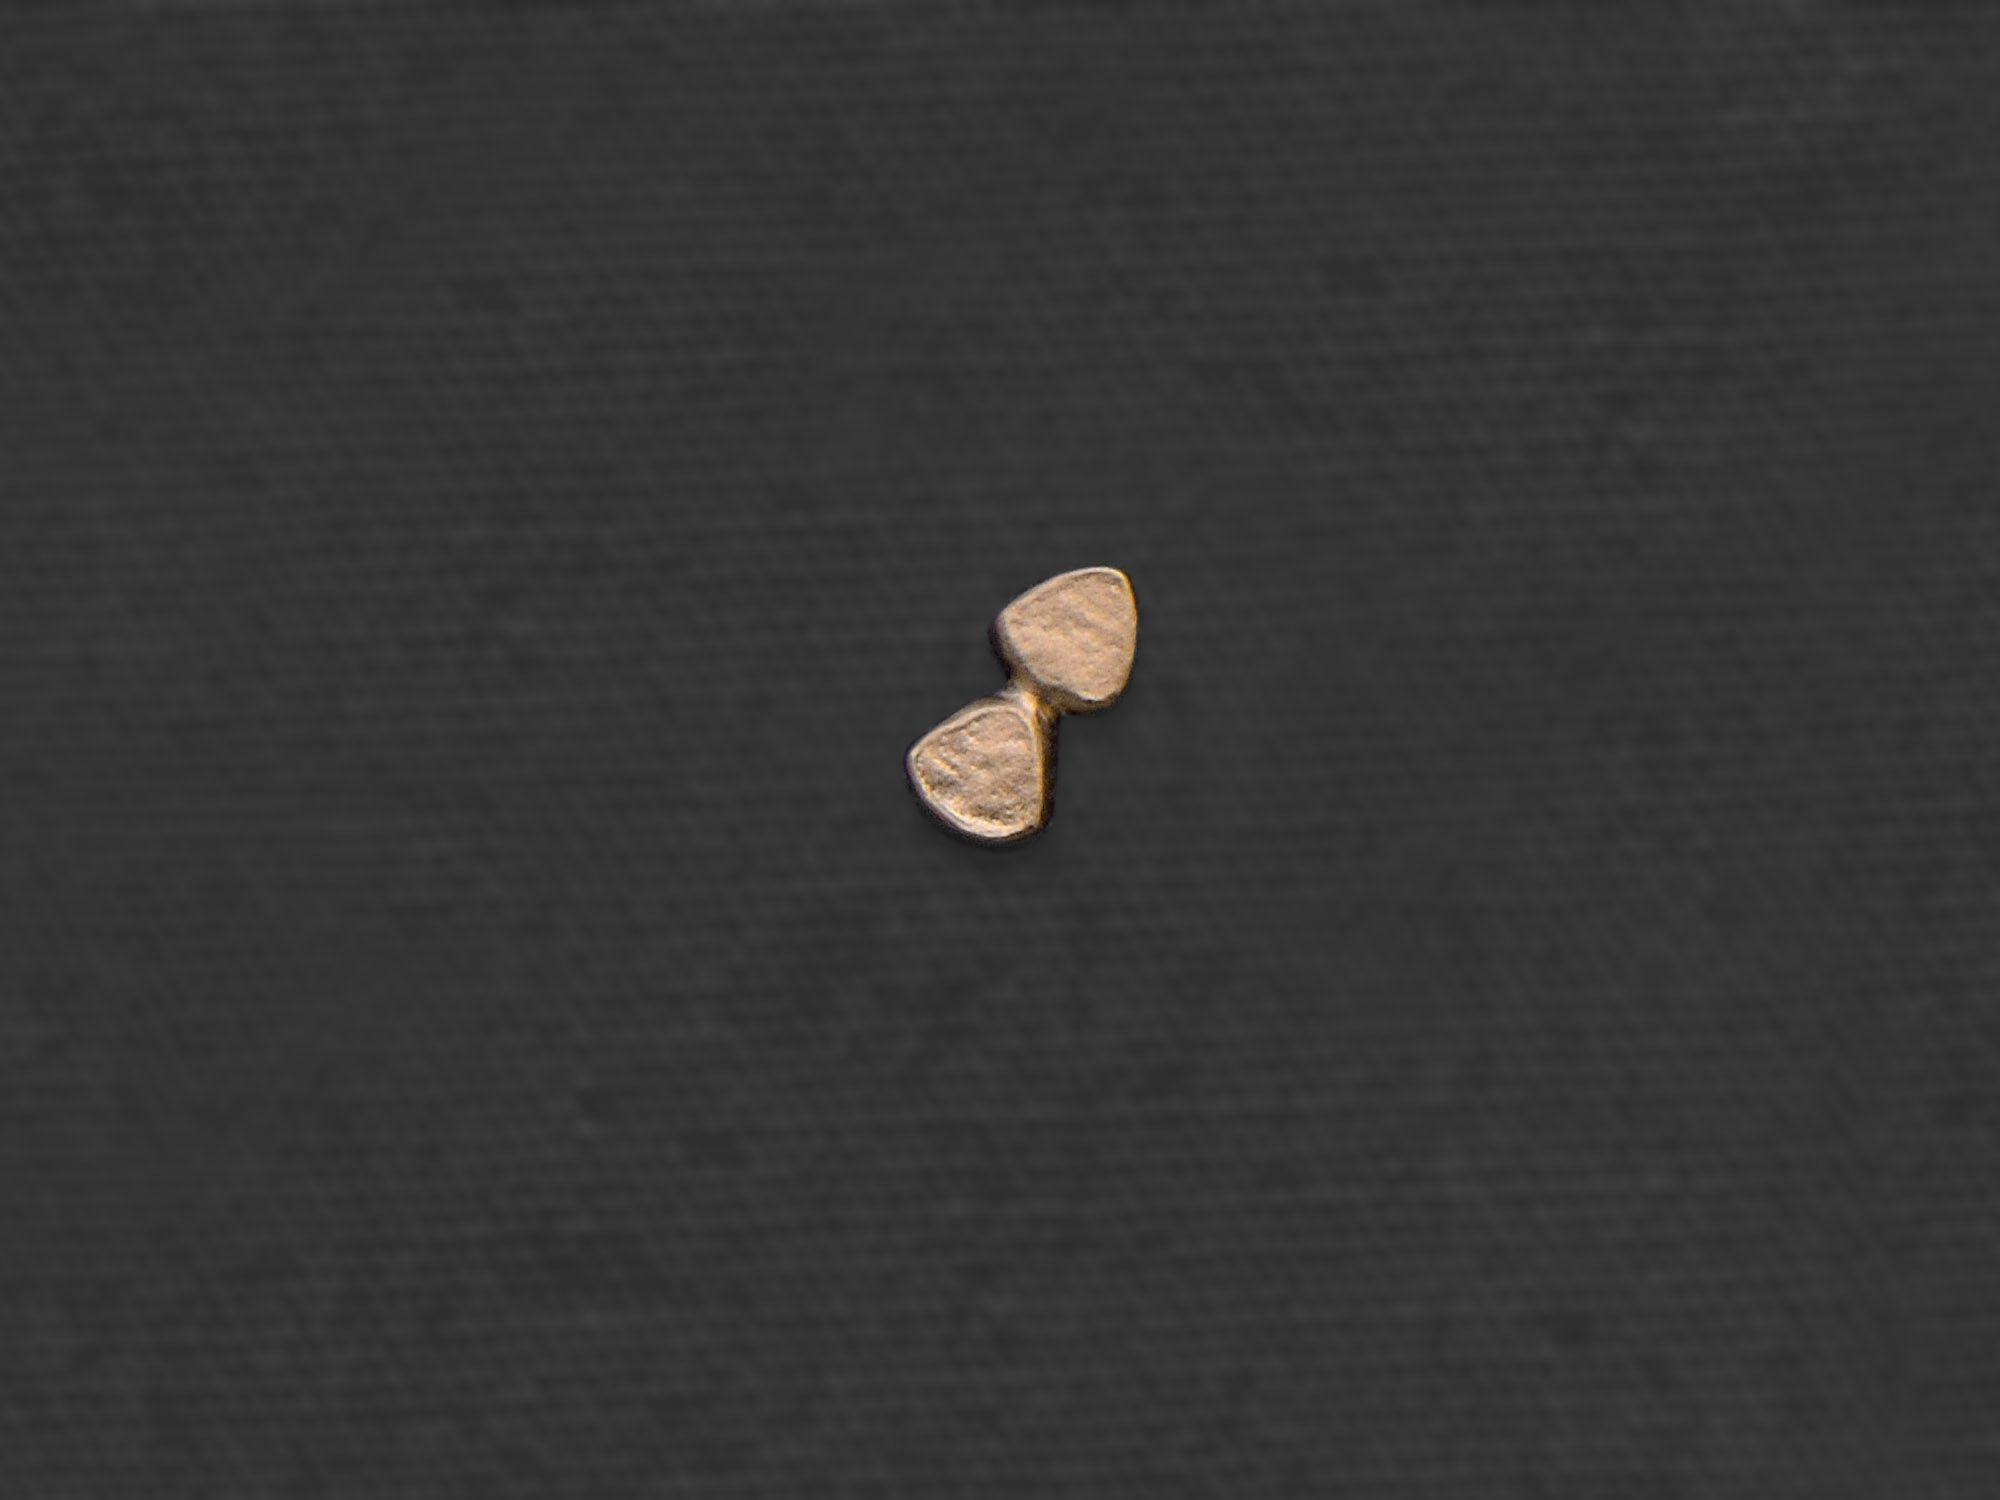 Double Drop mini stud earring by Emmanuelle Zysman